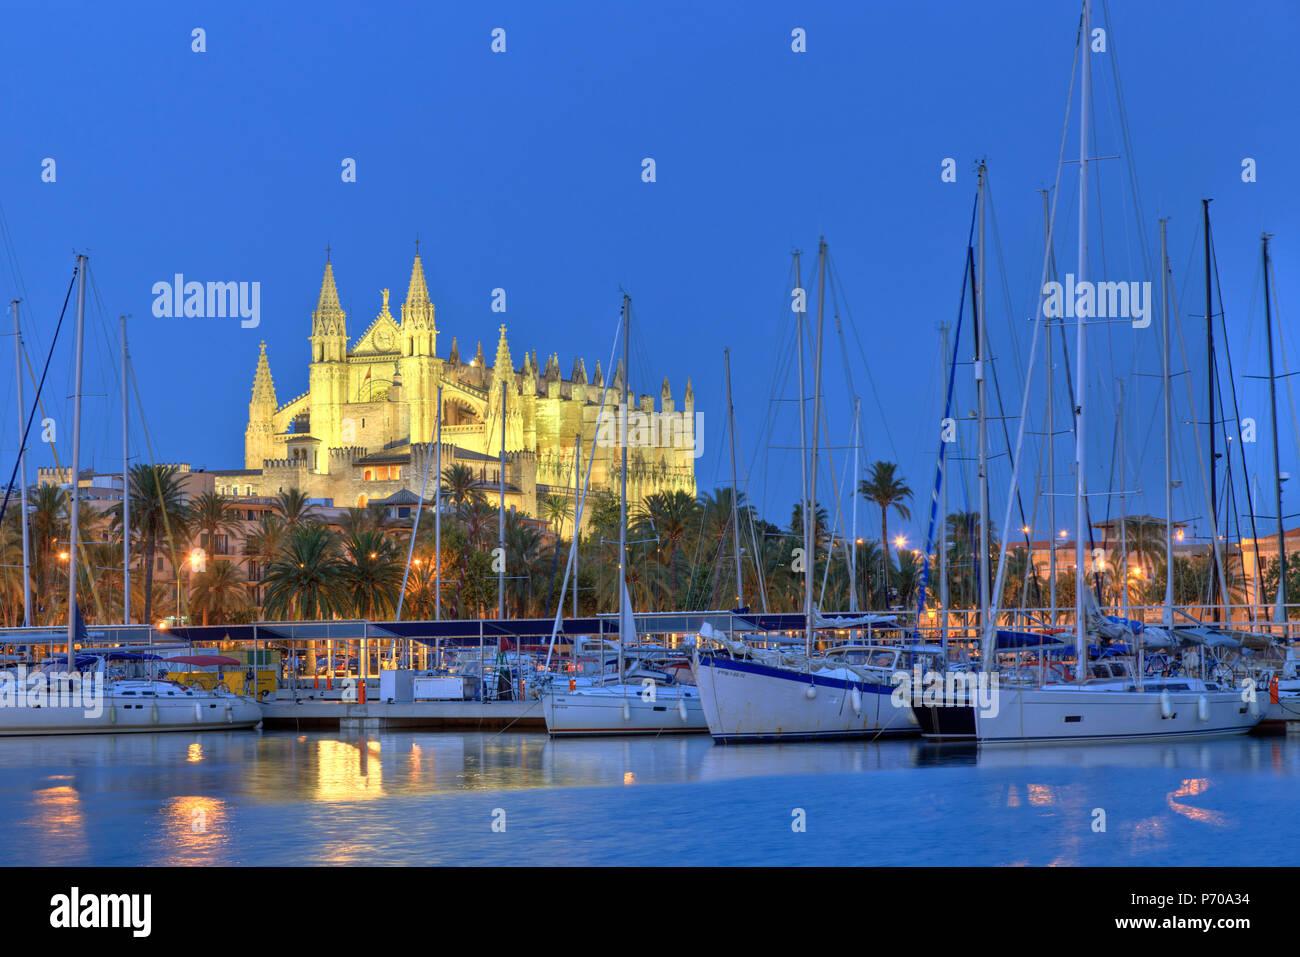 Isole Baleari Spagna, Mallorca, Palma de Mallorca, Cattedrale Immagini Stock